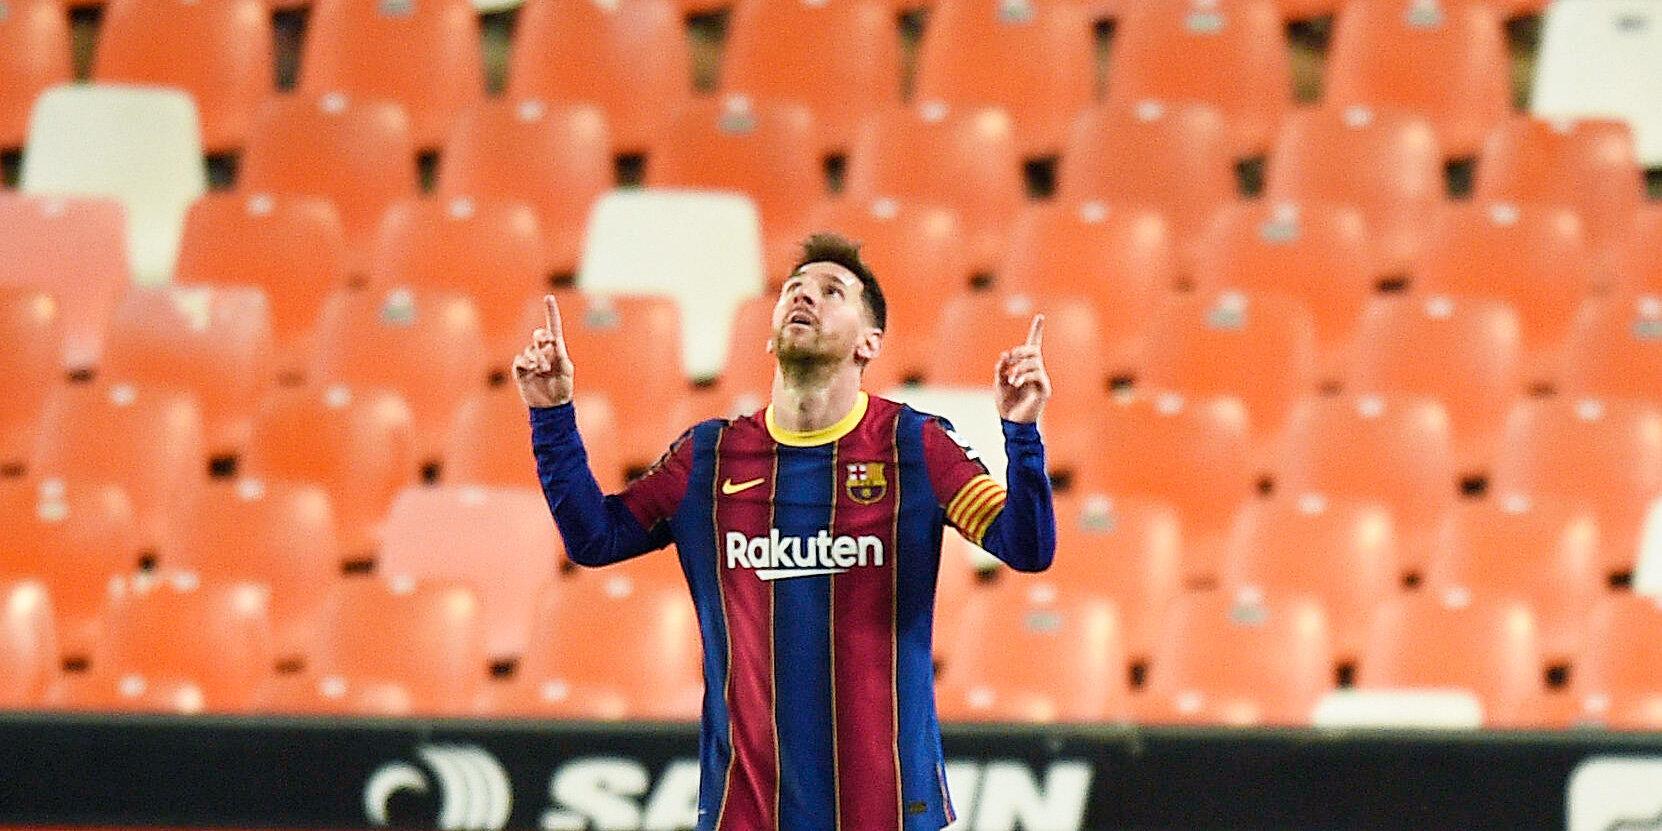 Месси не получал от «Барселоны» официального предложения о продлении контракта